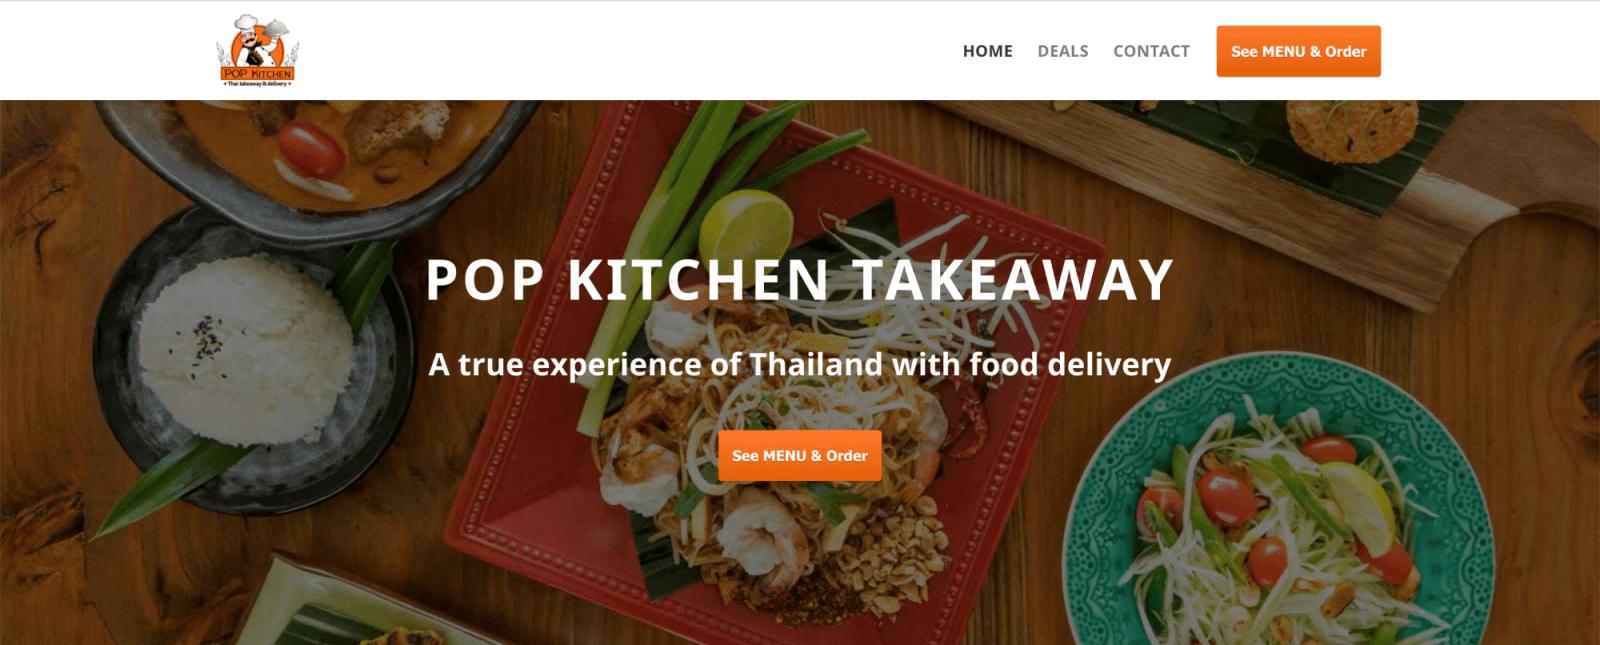 pop kitchen takeaway thai restaurant web design edinburgh